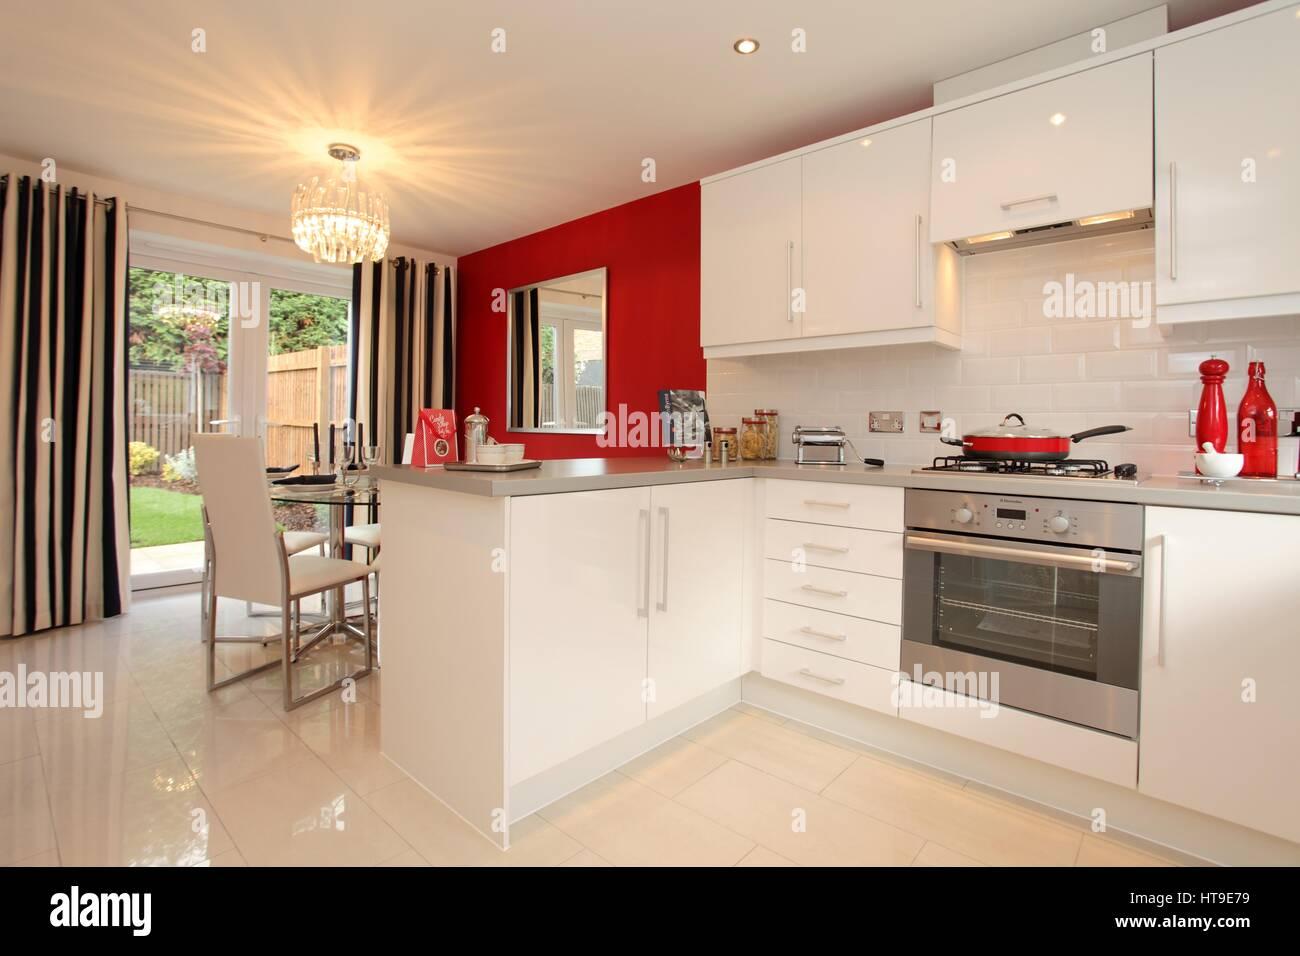 Wohnlandschaft Kuche Modernes Zuhause Neue Build Wohnkuche